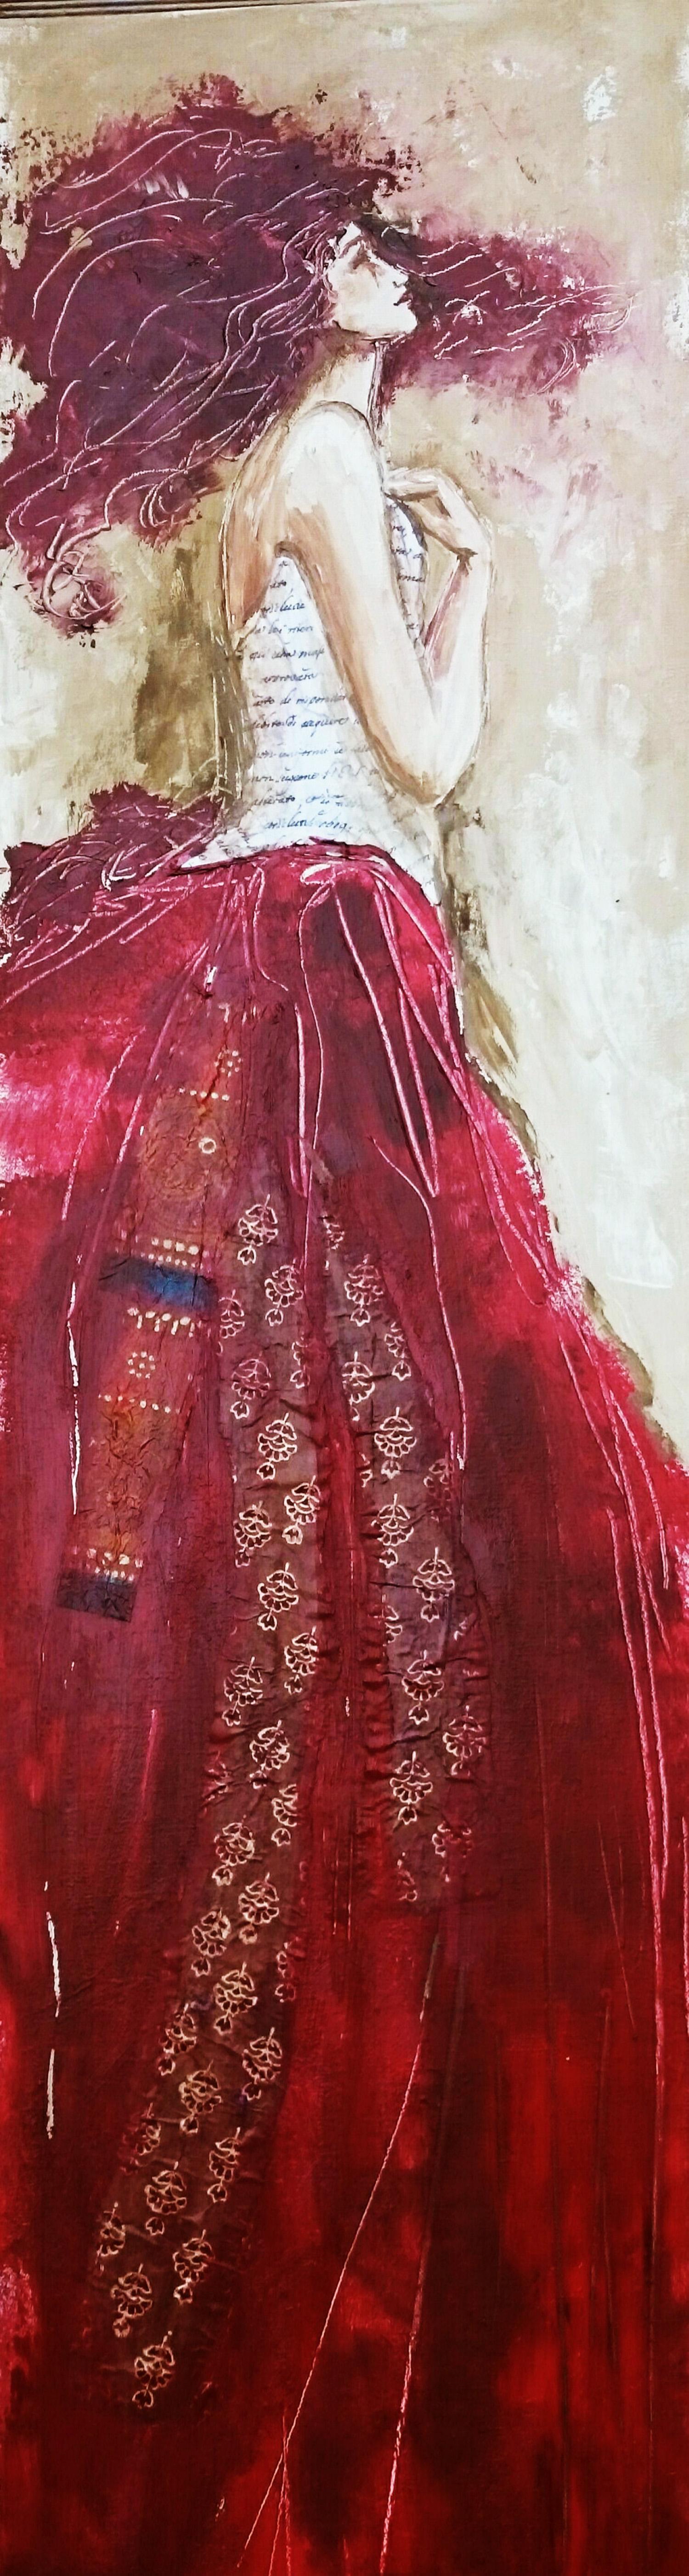 Les jupons rouge -  acrylique sut toile